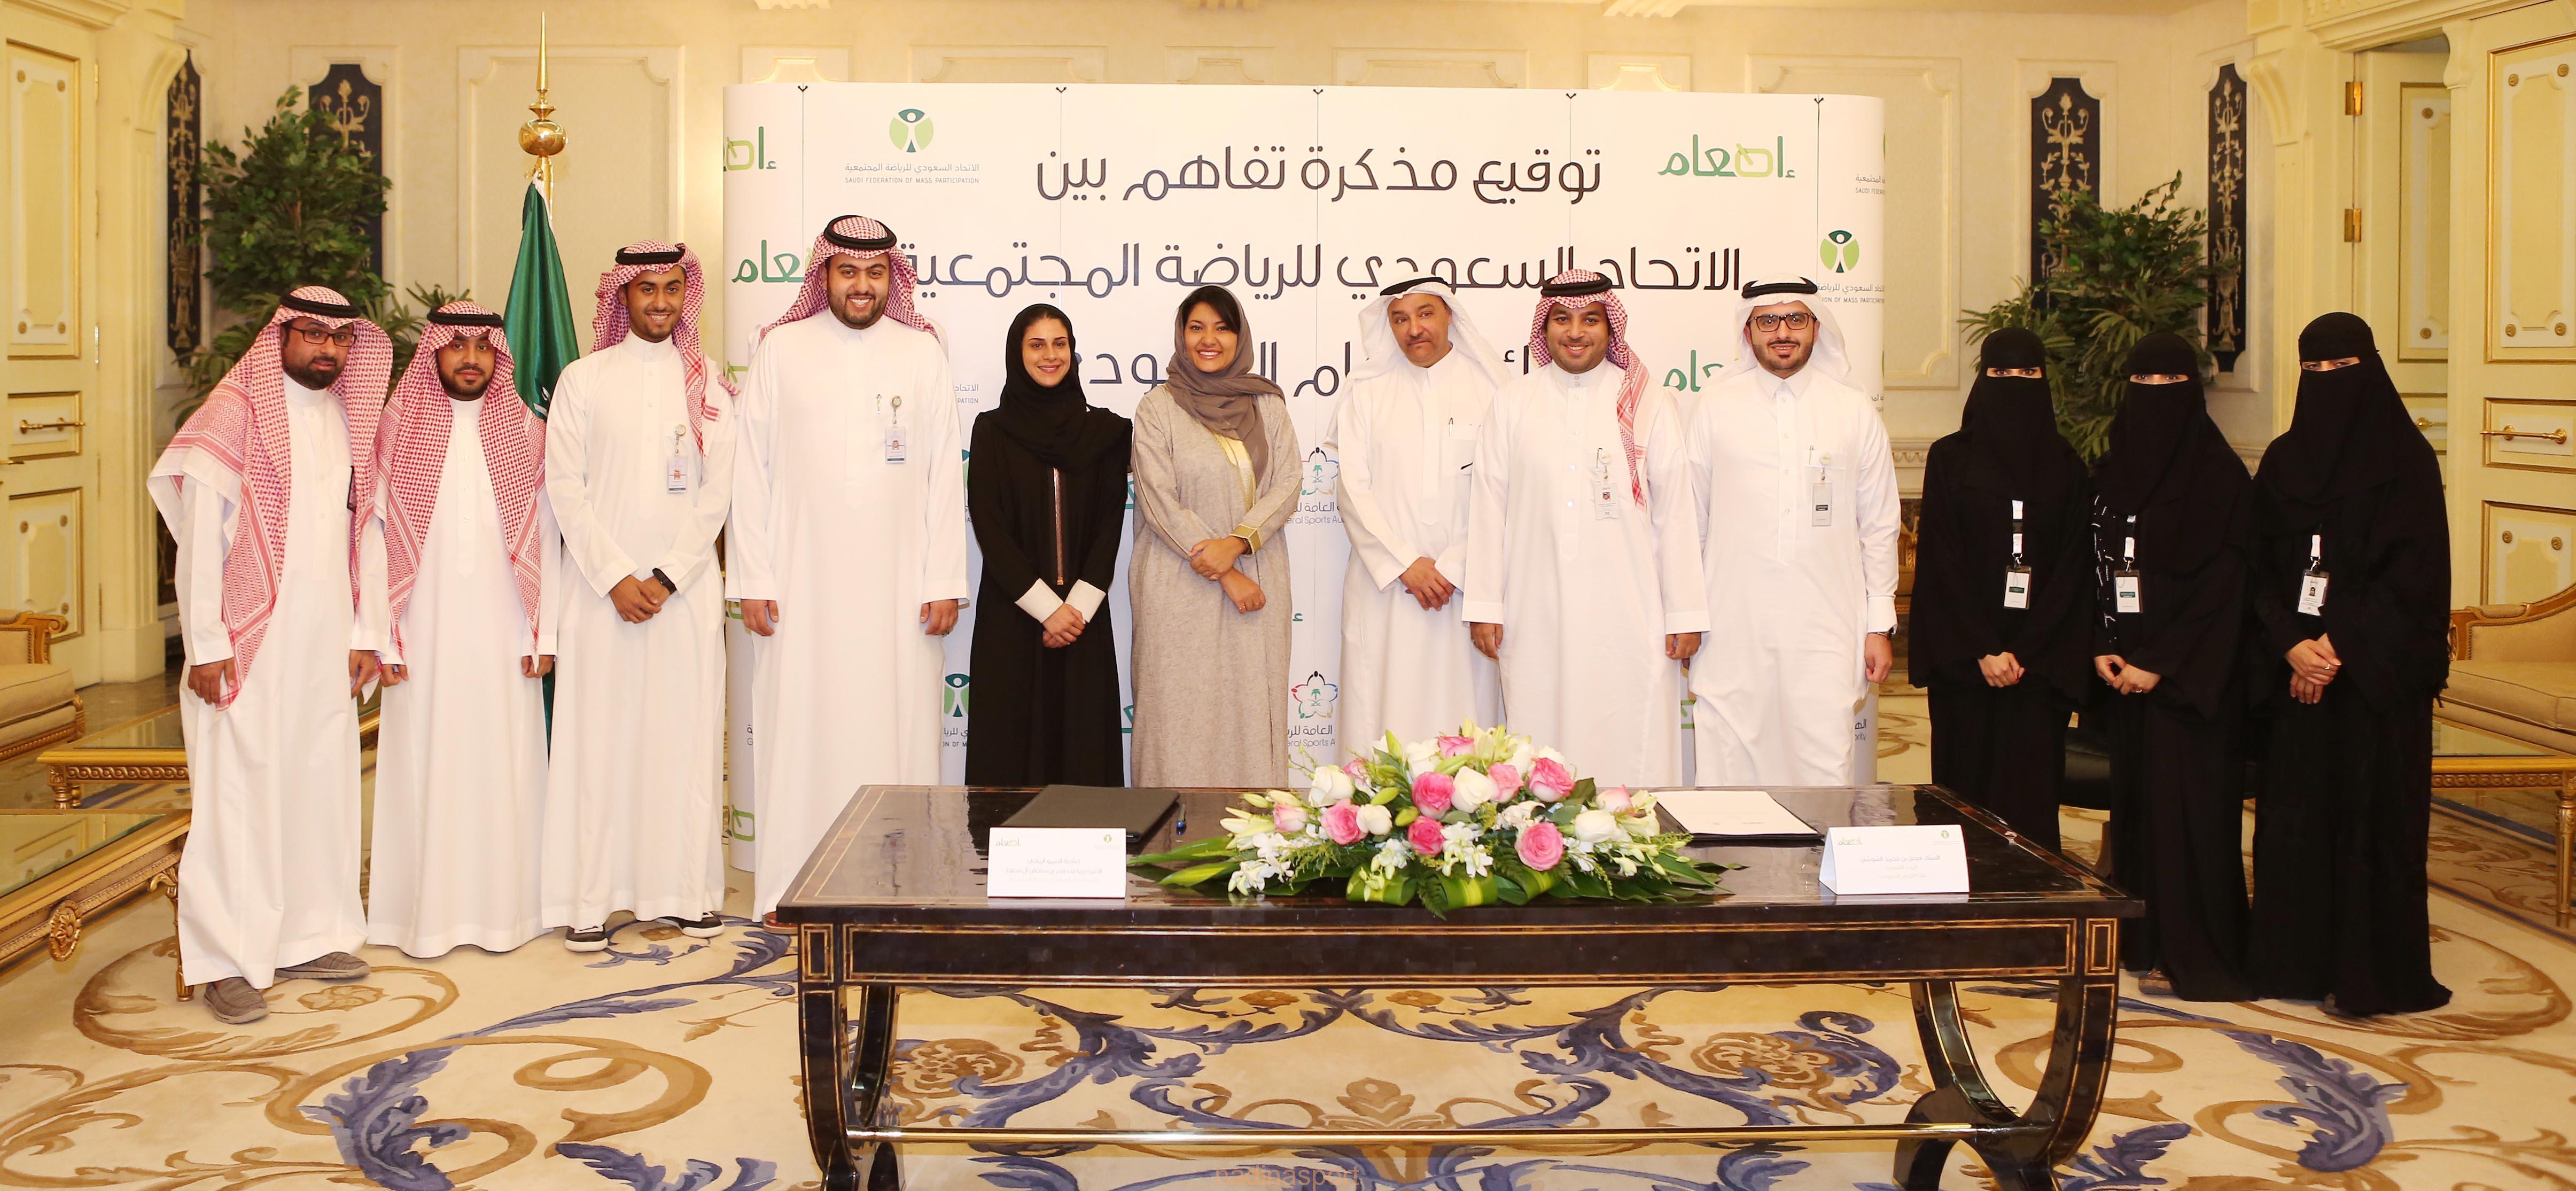 اتحاد الرياضة المجتمعية يوقع اتفاقية تعاون مع جمعية إطعام